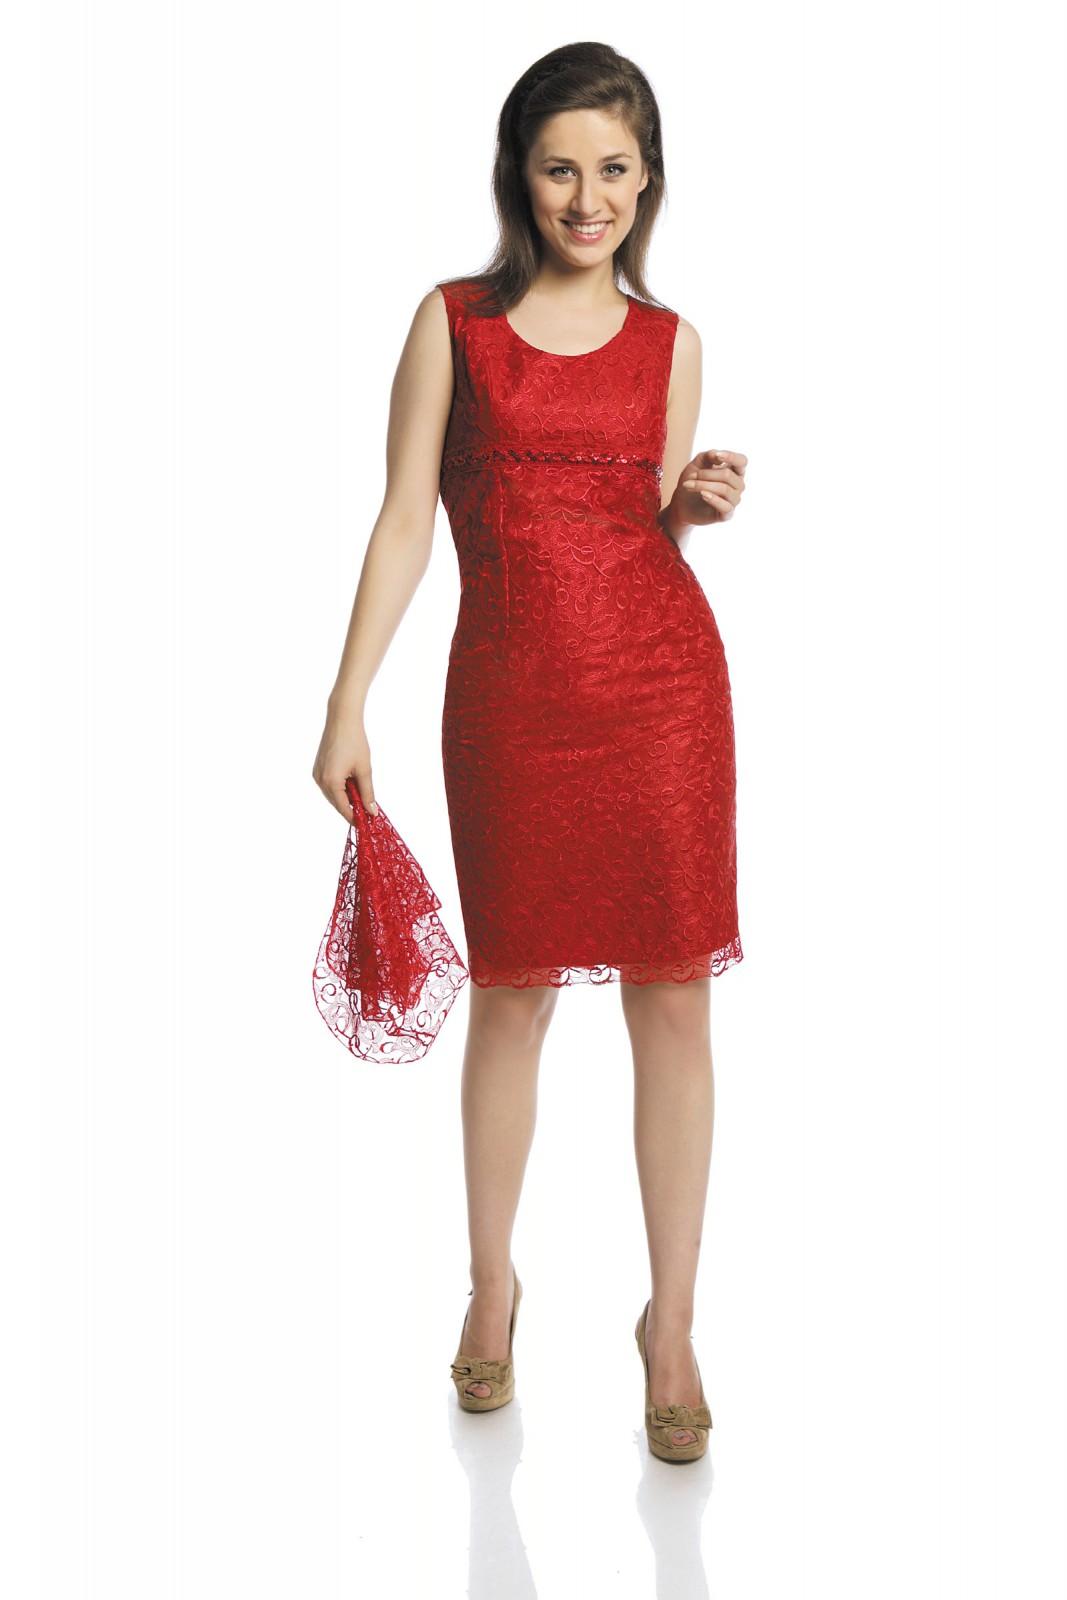 Rotes cocktailkleid kombinieren - Stylische Kleider für ...